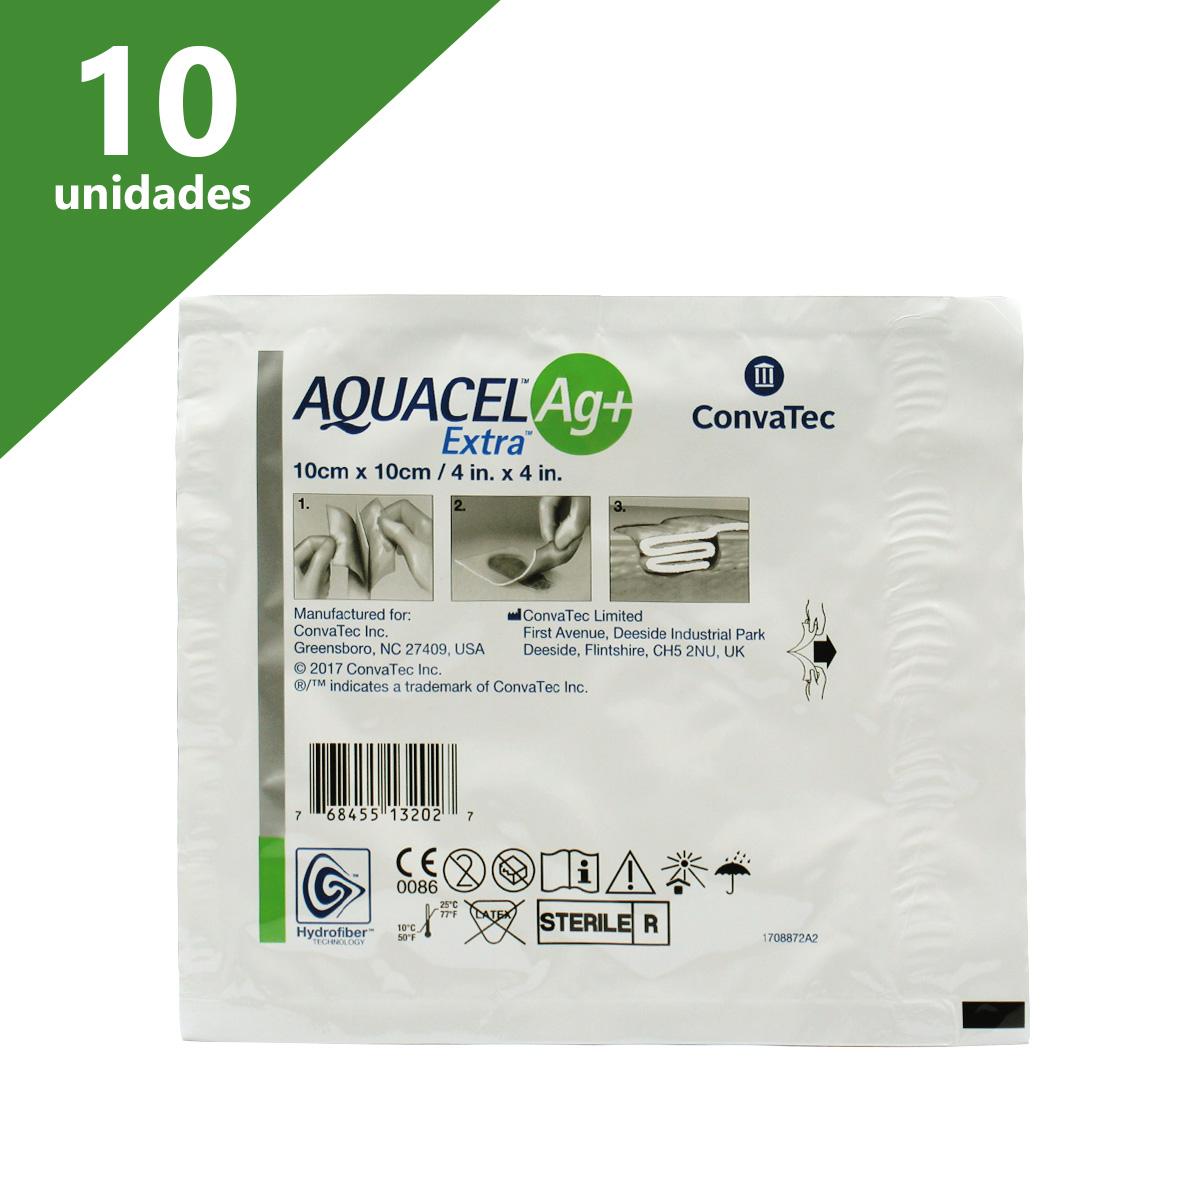 CURATIVO AQUACEL AG+ EXTRA 10 X 10 CM (C/10 UNDS) - CONVATEC